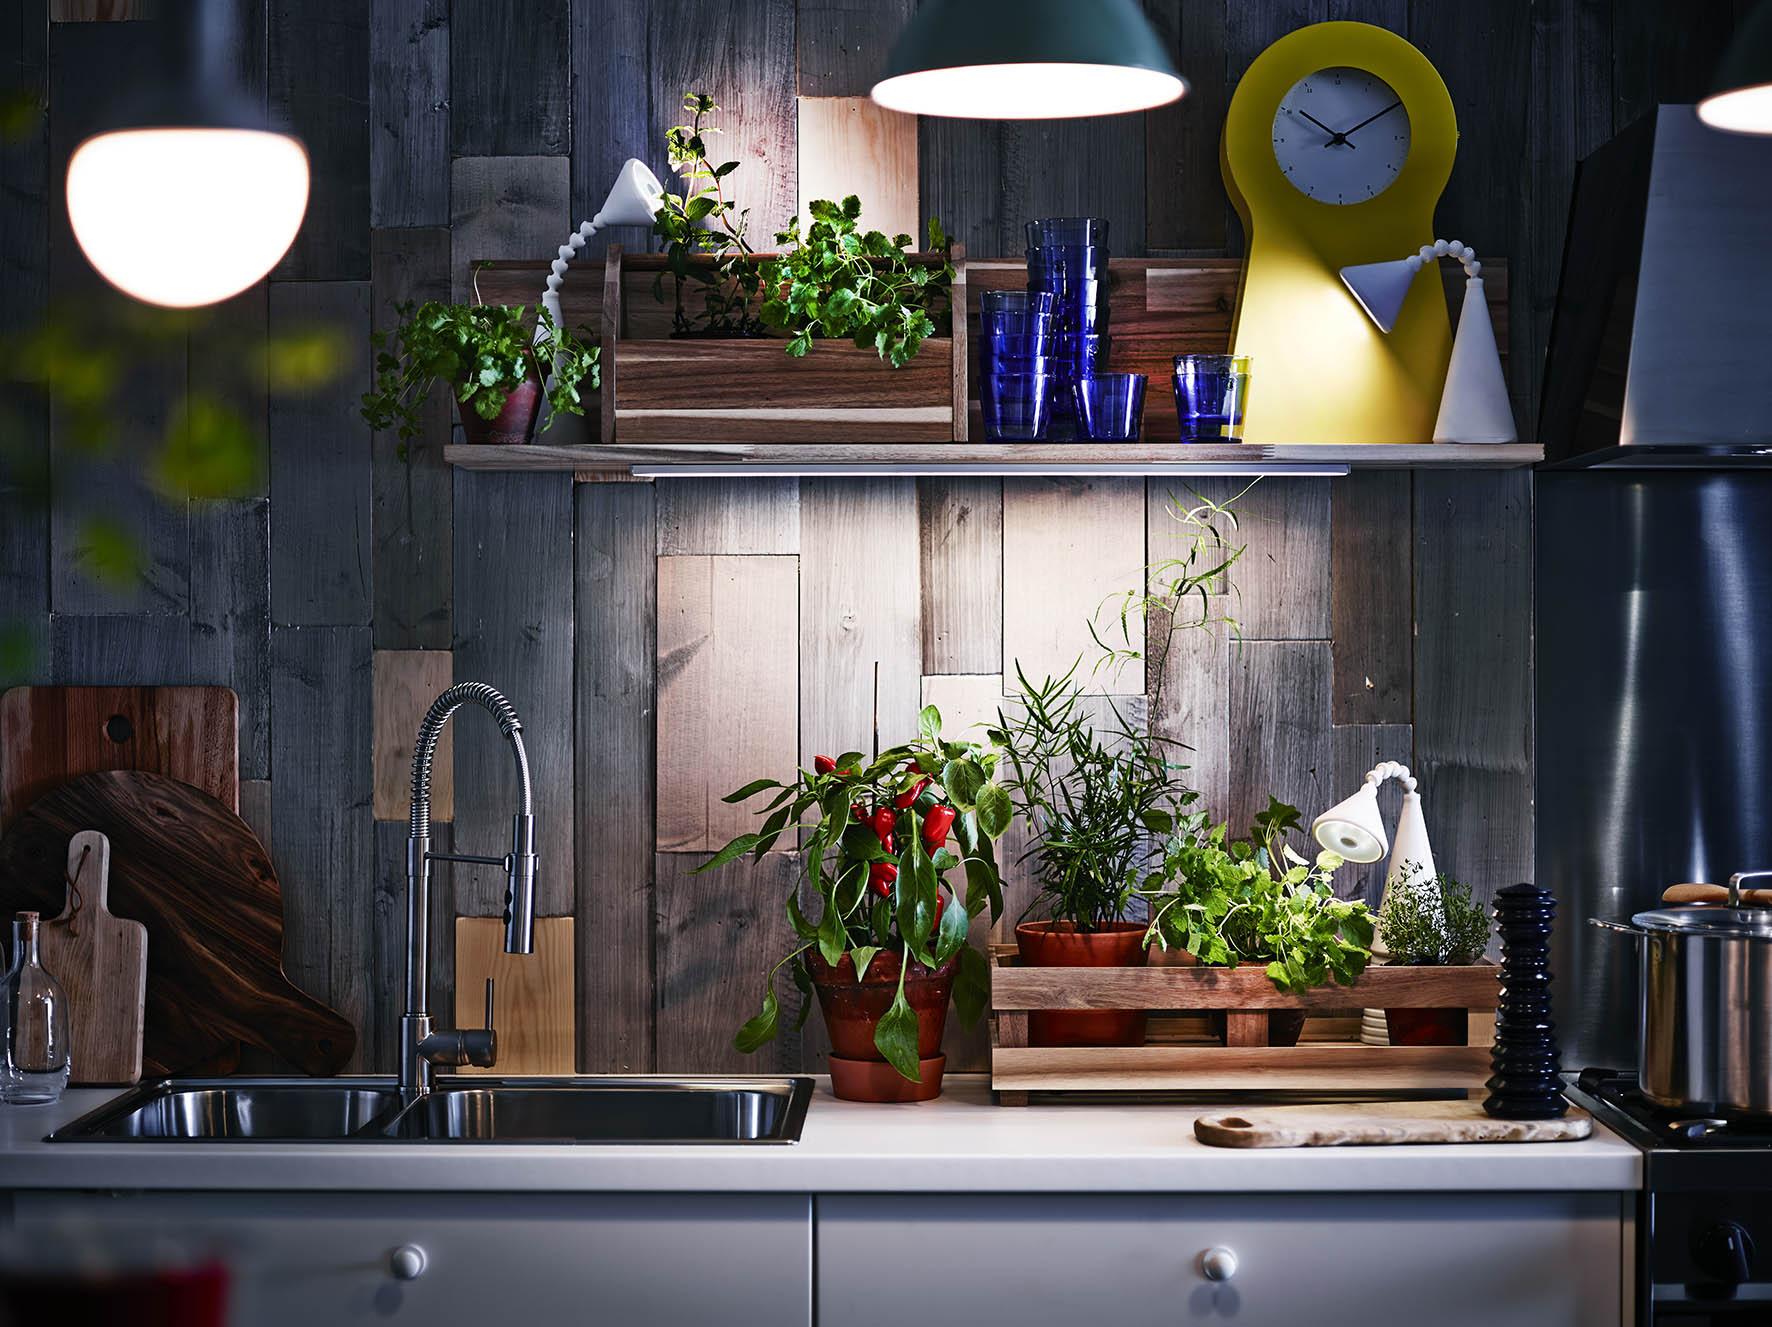 IKEA LED verlichting OMLOPP voor werkblad keuken